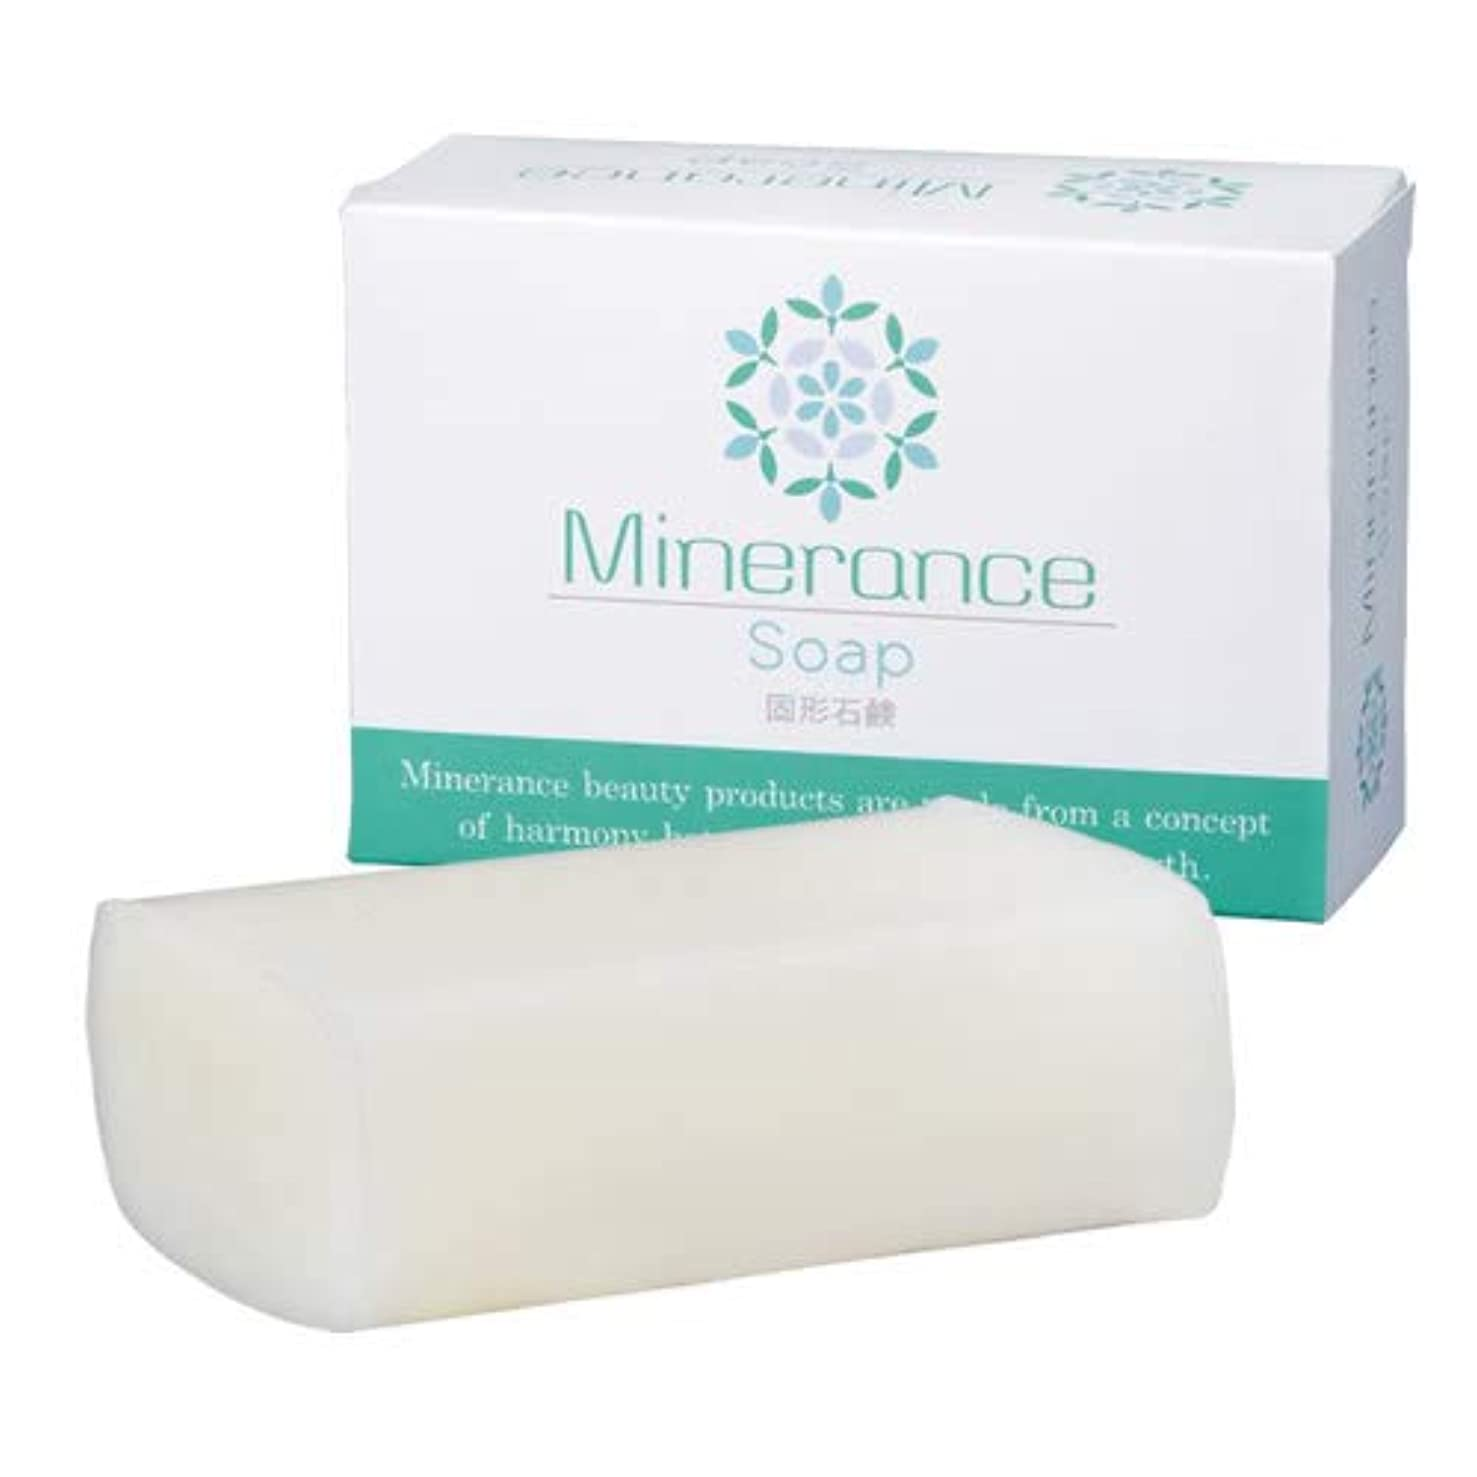 アプローチハムみなすミネランス ソープ 固形 石鹸 90g